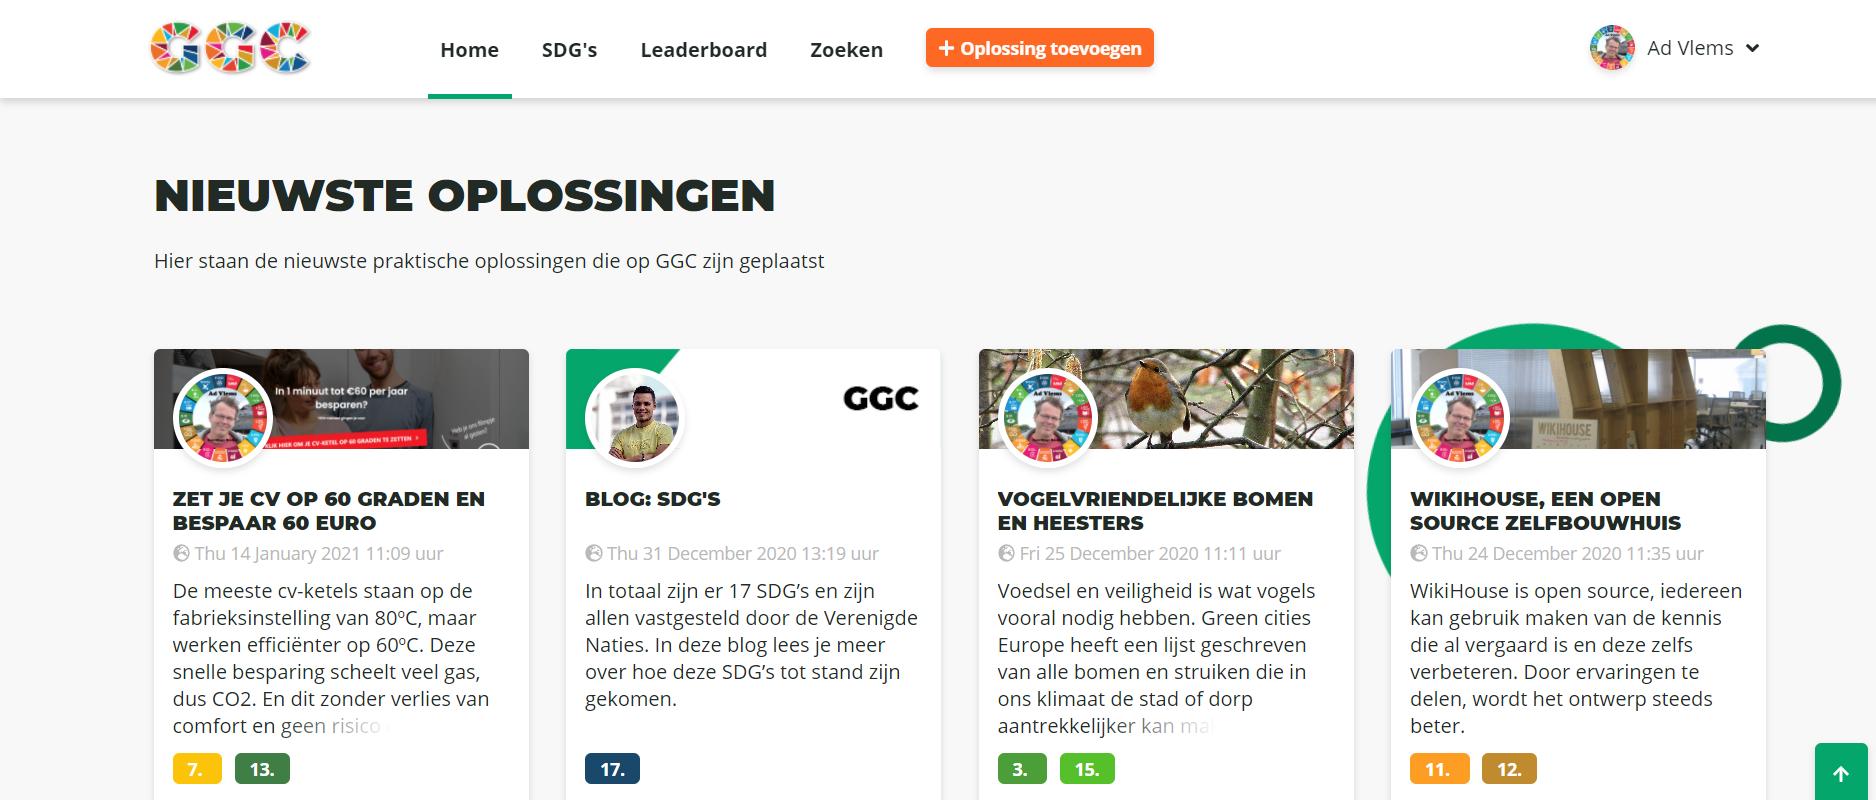 https://www.ecodorpboekel.nl/wwwp/wp-content/uploads/2021/01/Nieuwste-oplossingen.png